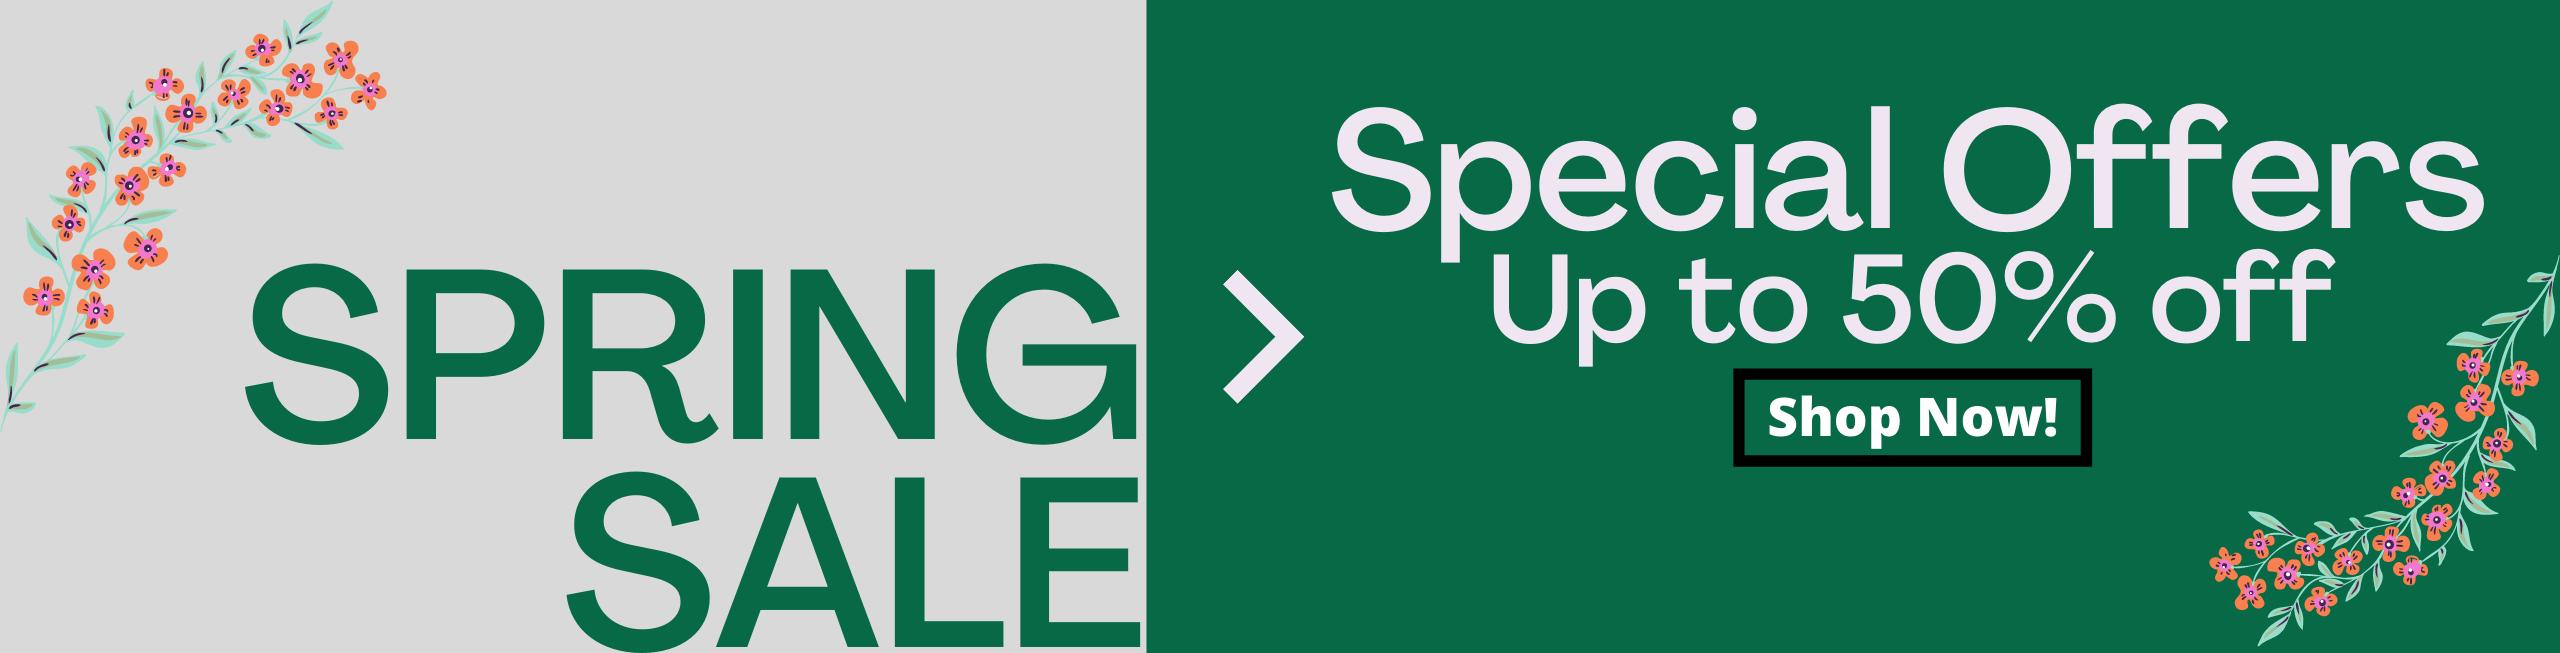 appliances spring sale